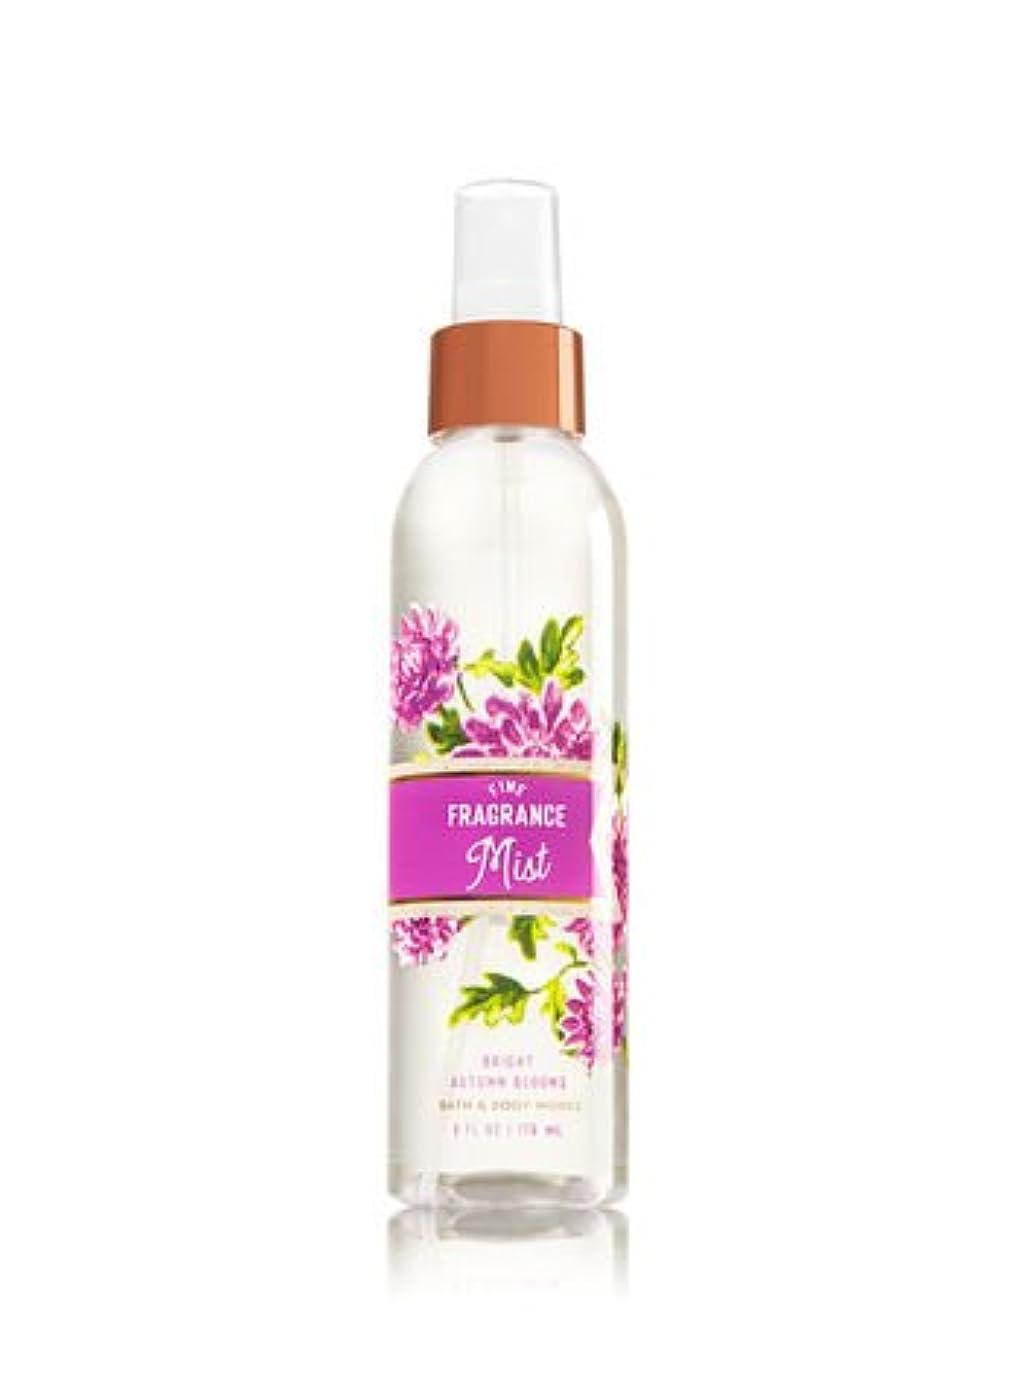 オプショナルスタジオ障害【Bath&Body Works/バス&ボディワークス】 ファインフレグランスミスト ブライトオータムブルーム Fine Fragrance Mist Bright Autumn Blooms 6oz (176ml) [並行輸入品]